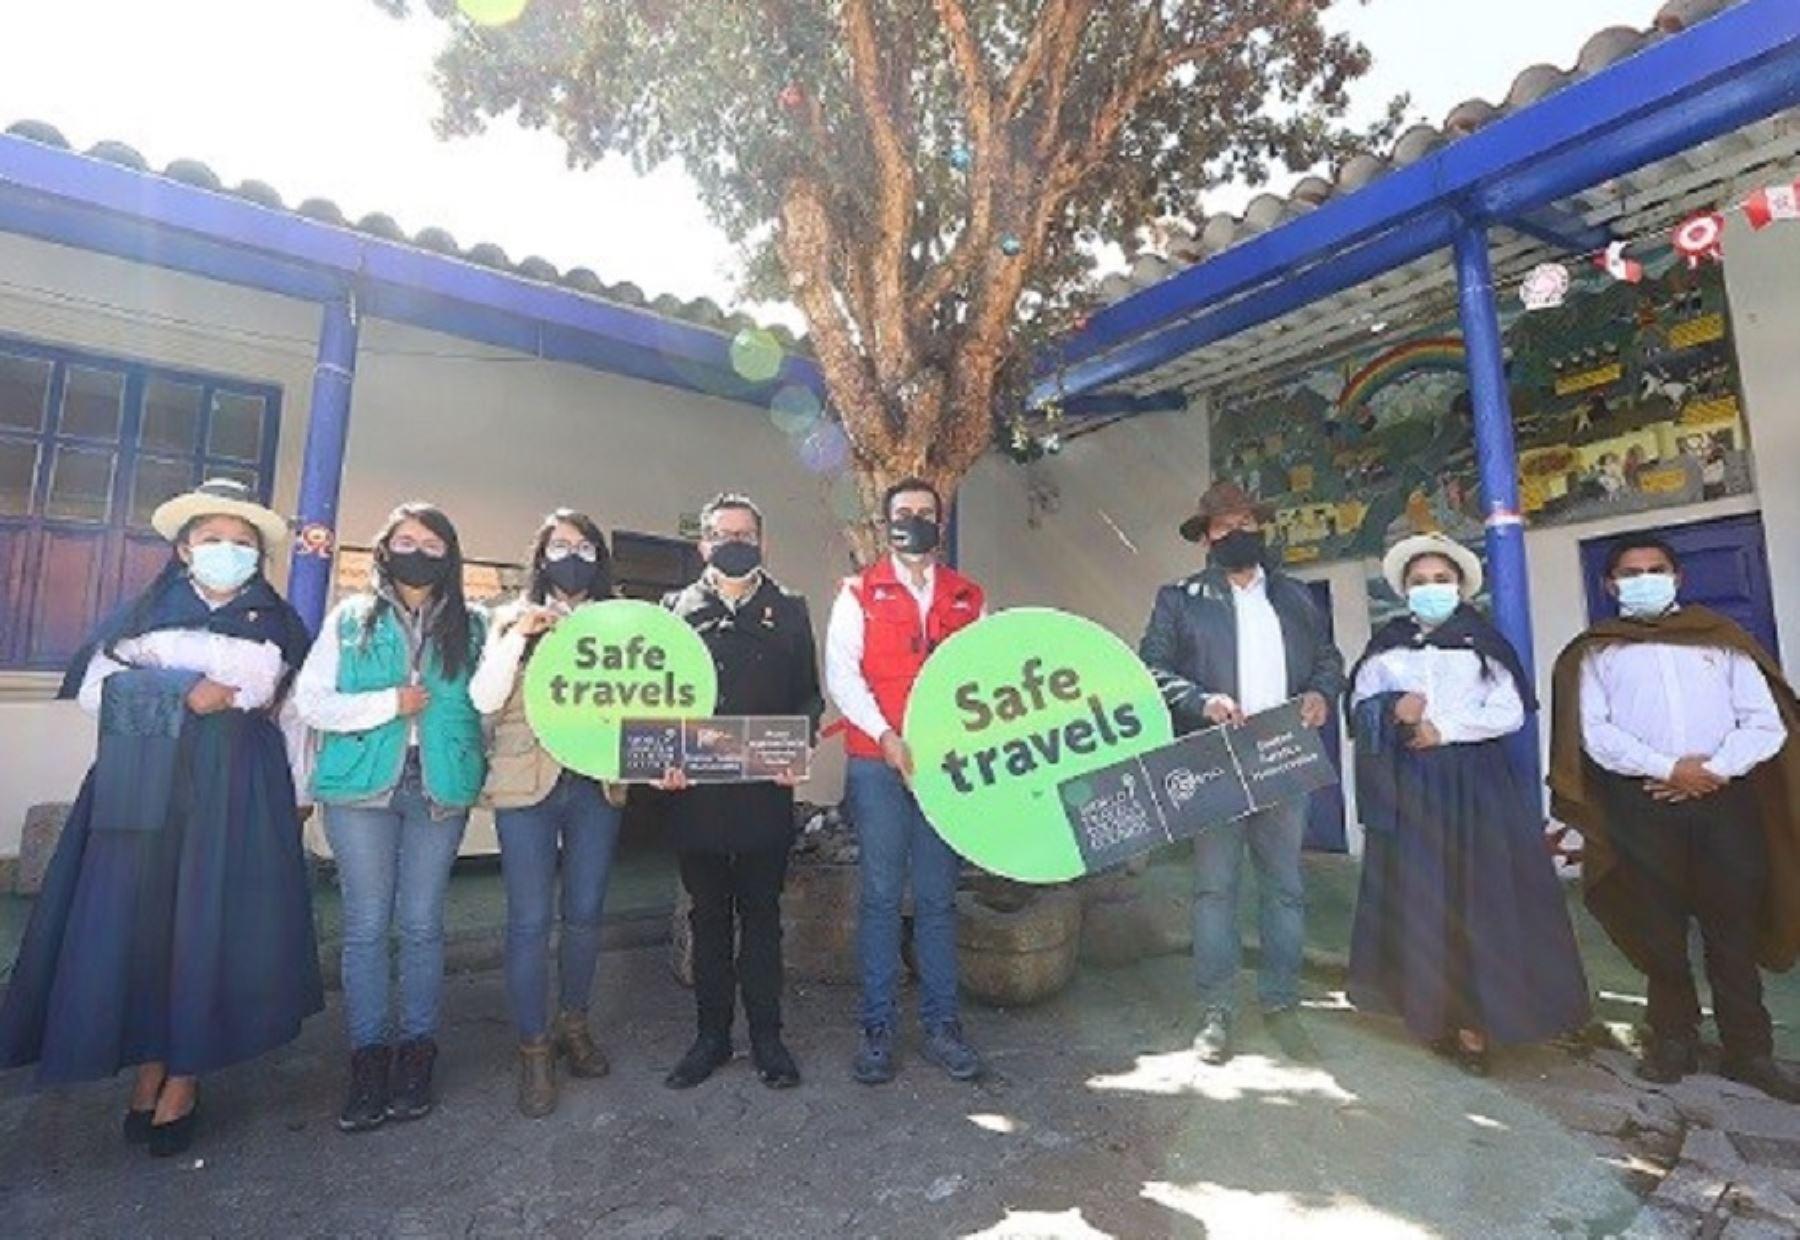 ¡Reactivación turística! Destino Huancavelica obtuvo el sello internacional Safe Travels